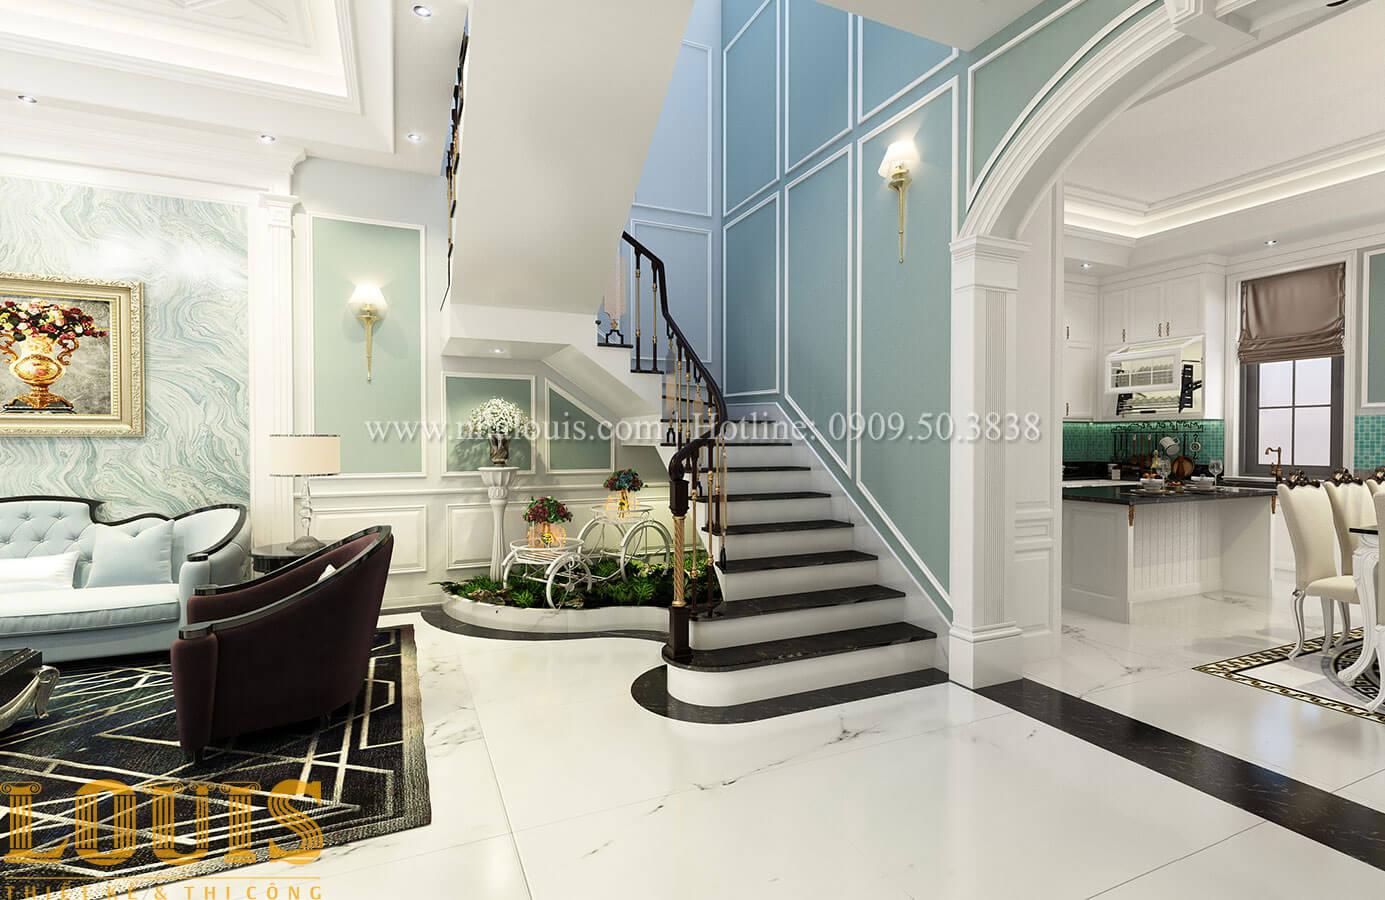 Tiểu cảnh cầu thang Thiết kế biệt thự 3 tầng đẹp có sân vườn ở miền quê Đồng Nai - 14